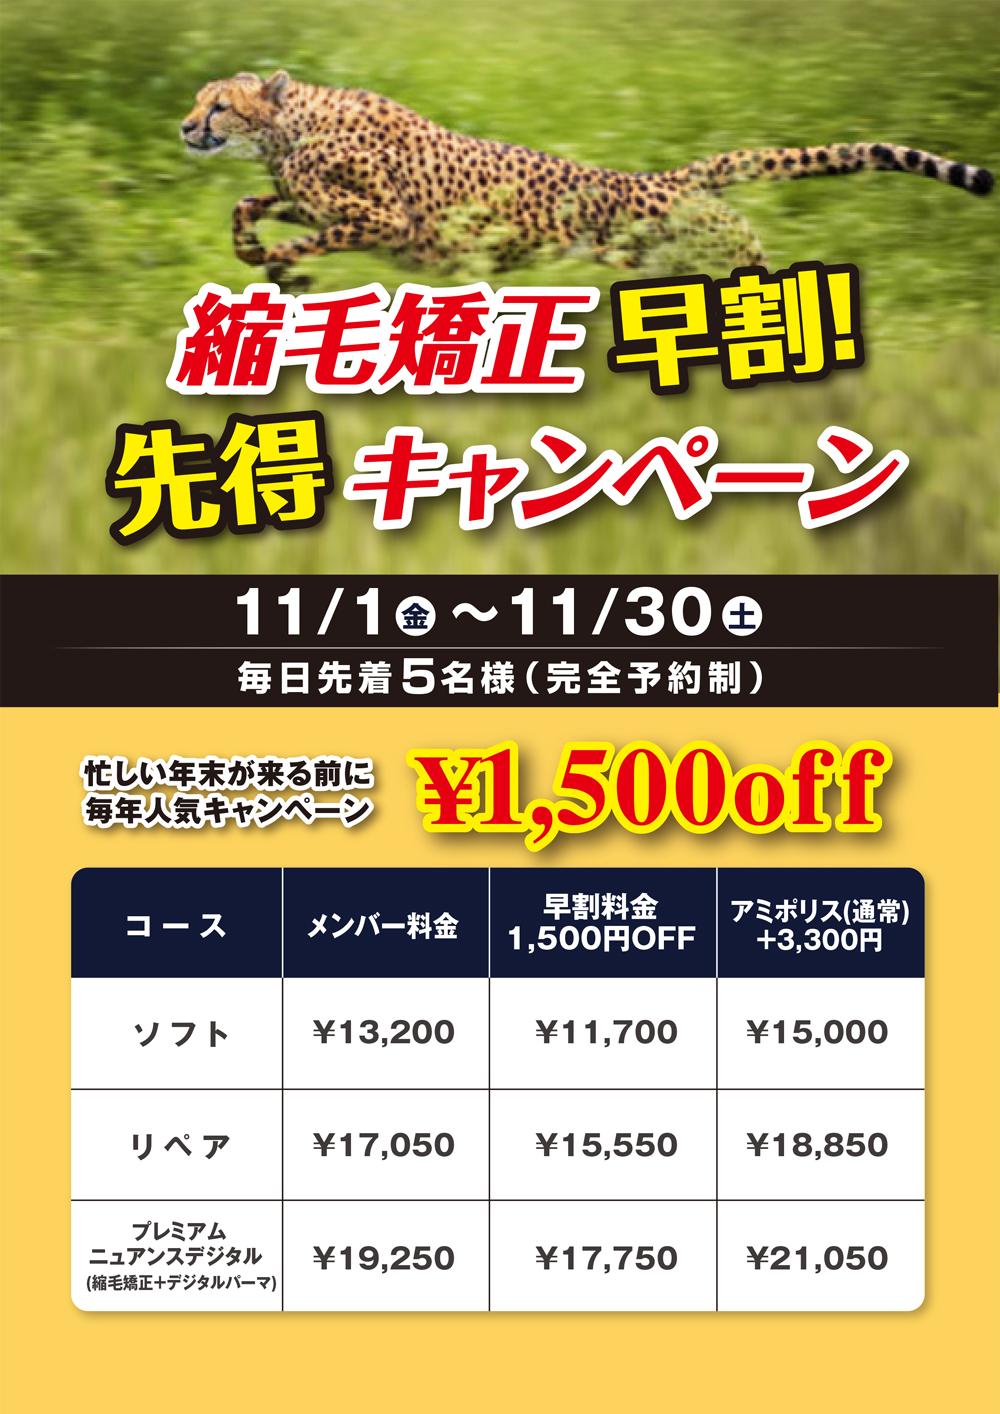 https://pooo.jp/wp-content/uploads/2019/10/1910_Pooo_hayawari.jpg